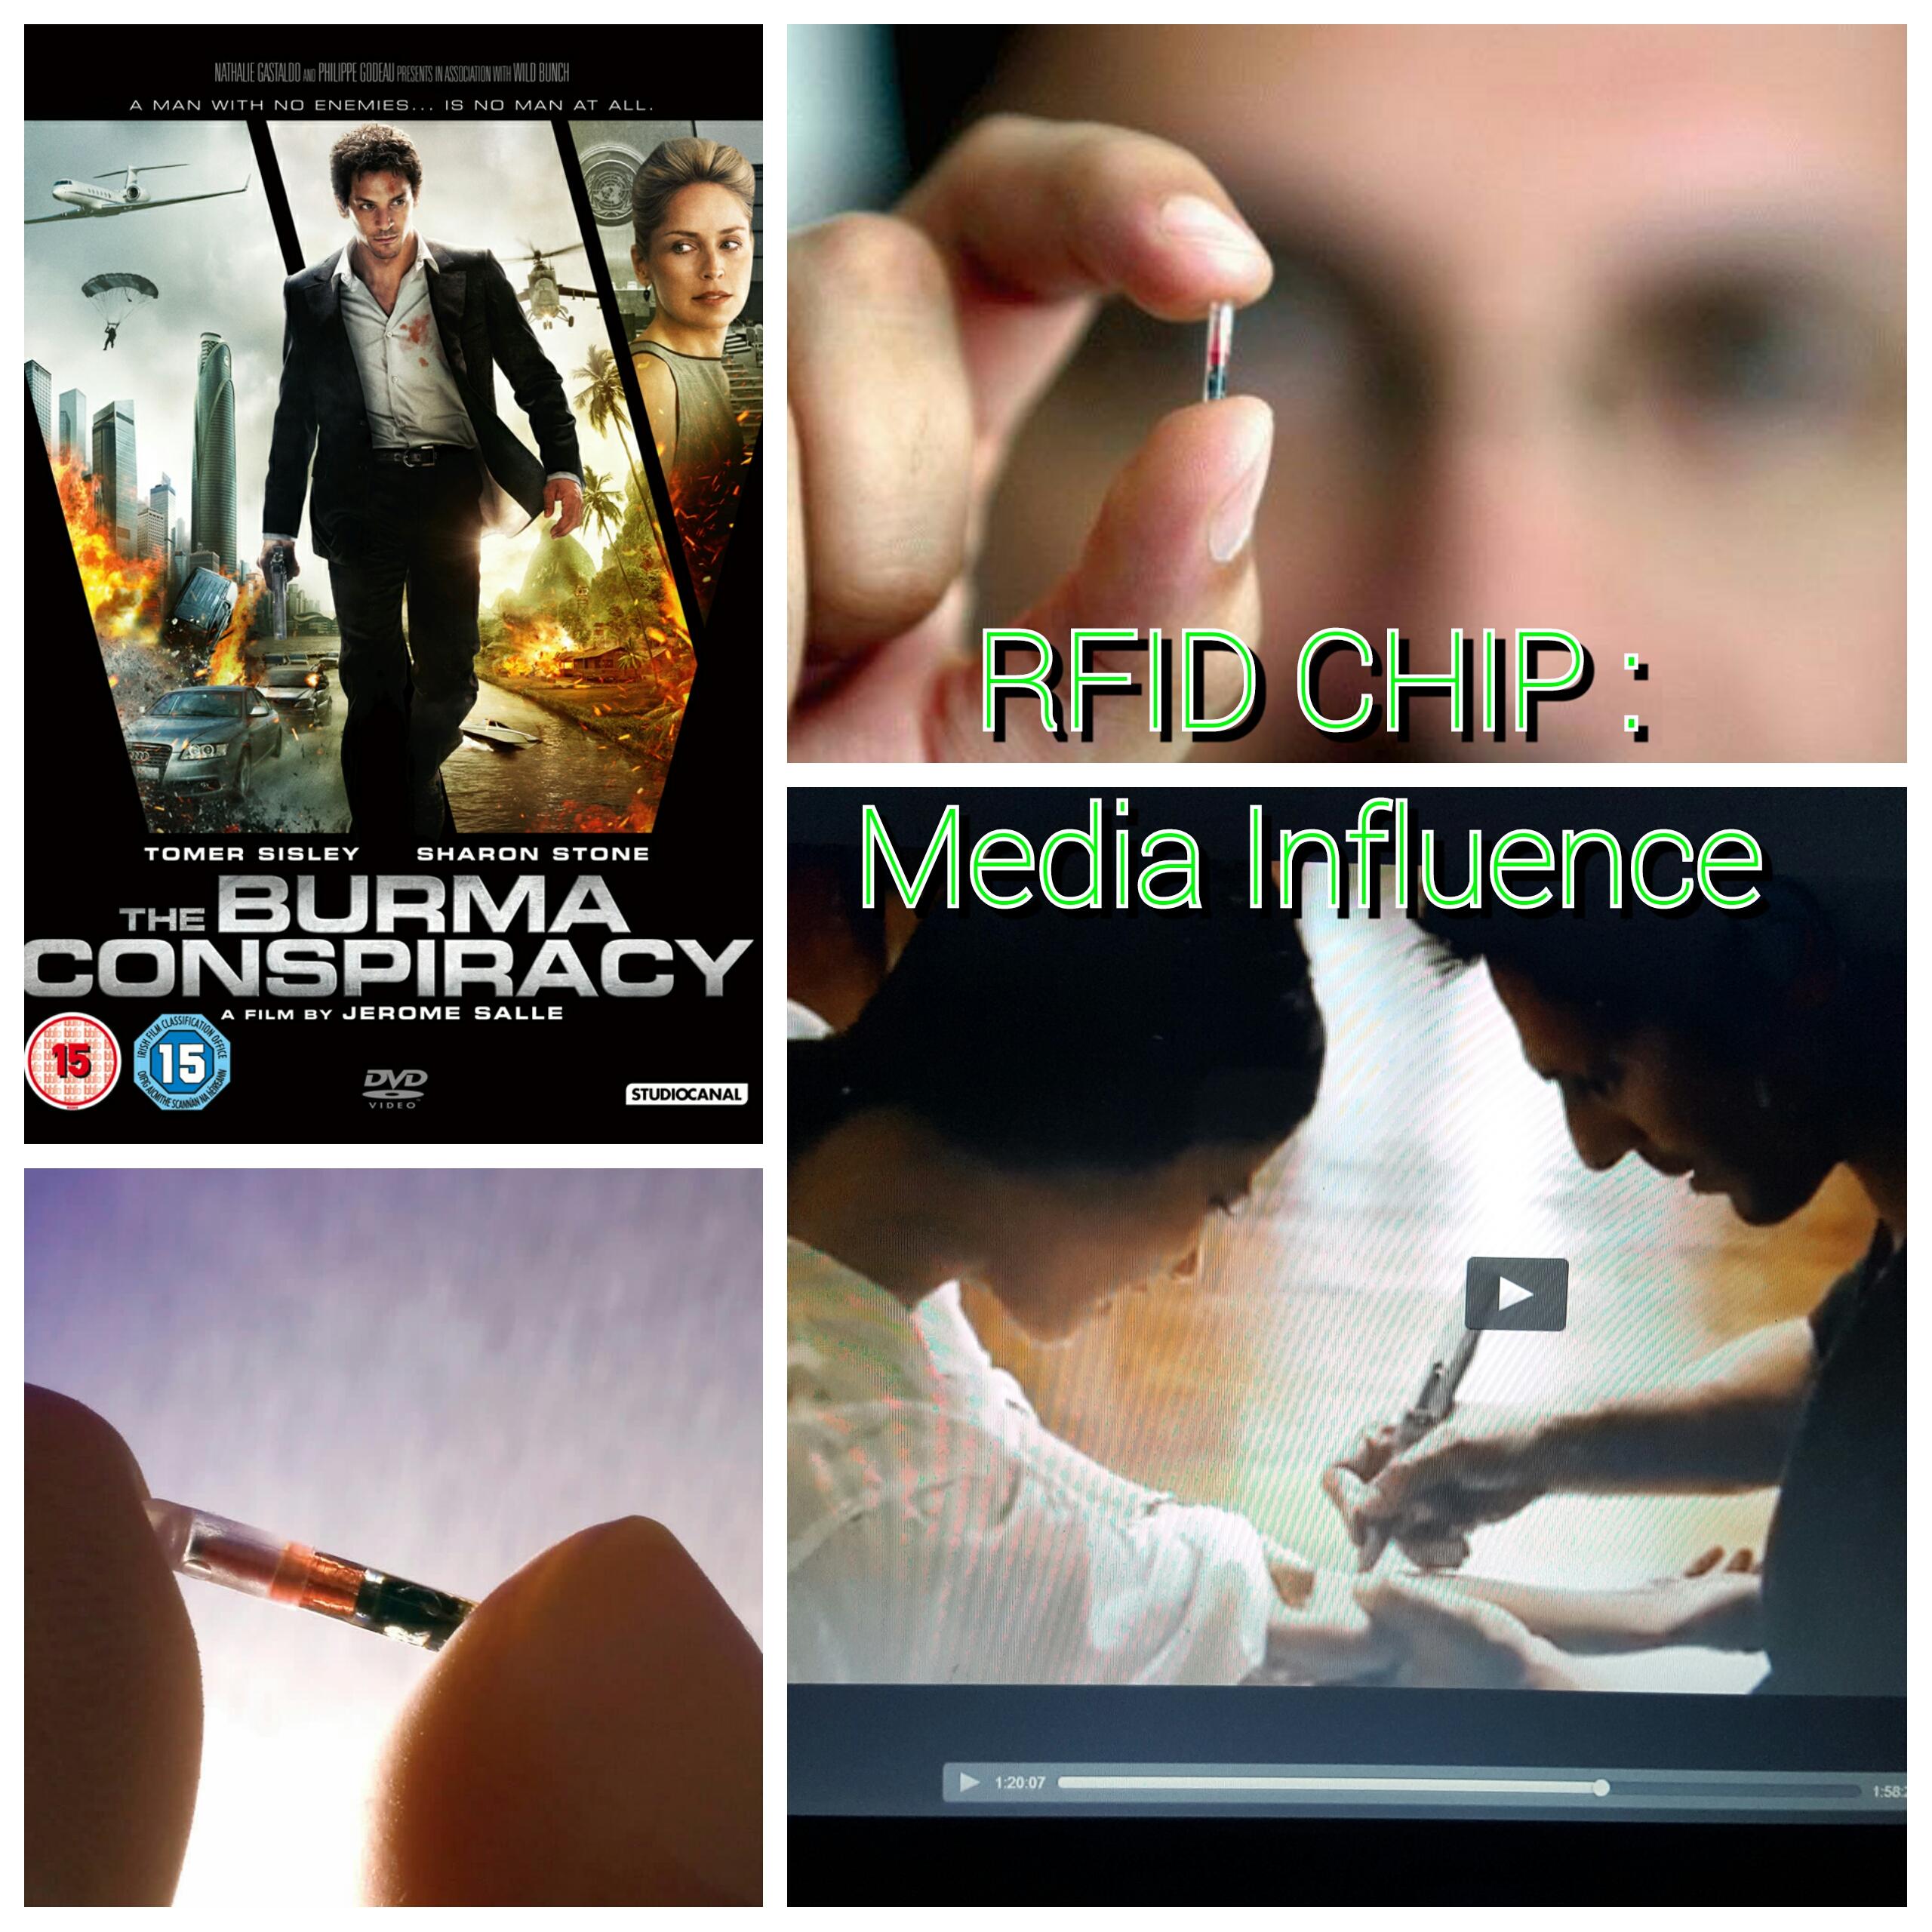 RFID CHIP at Hollywood